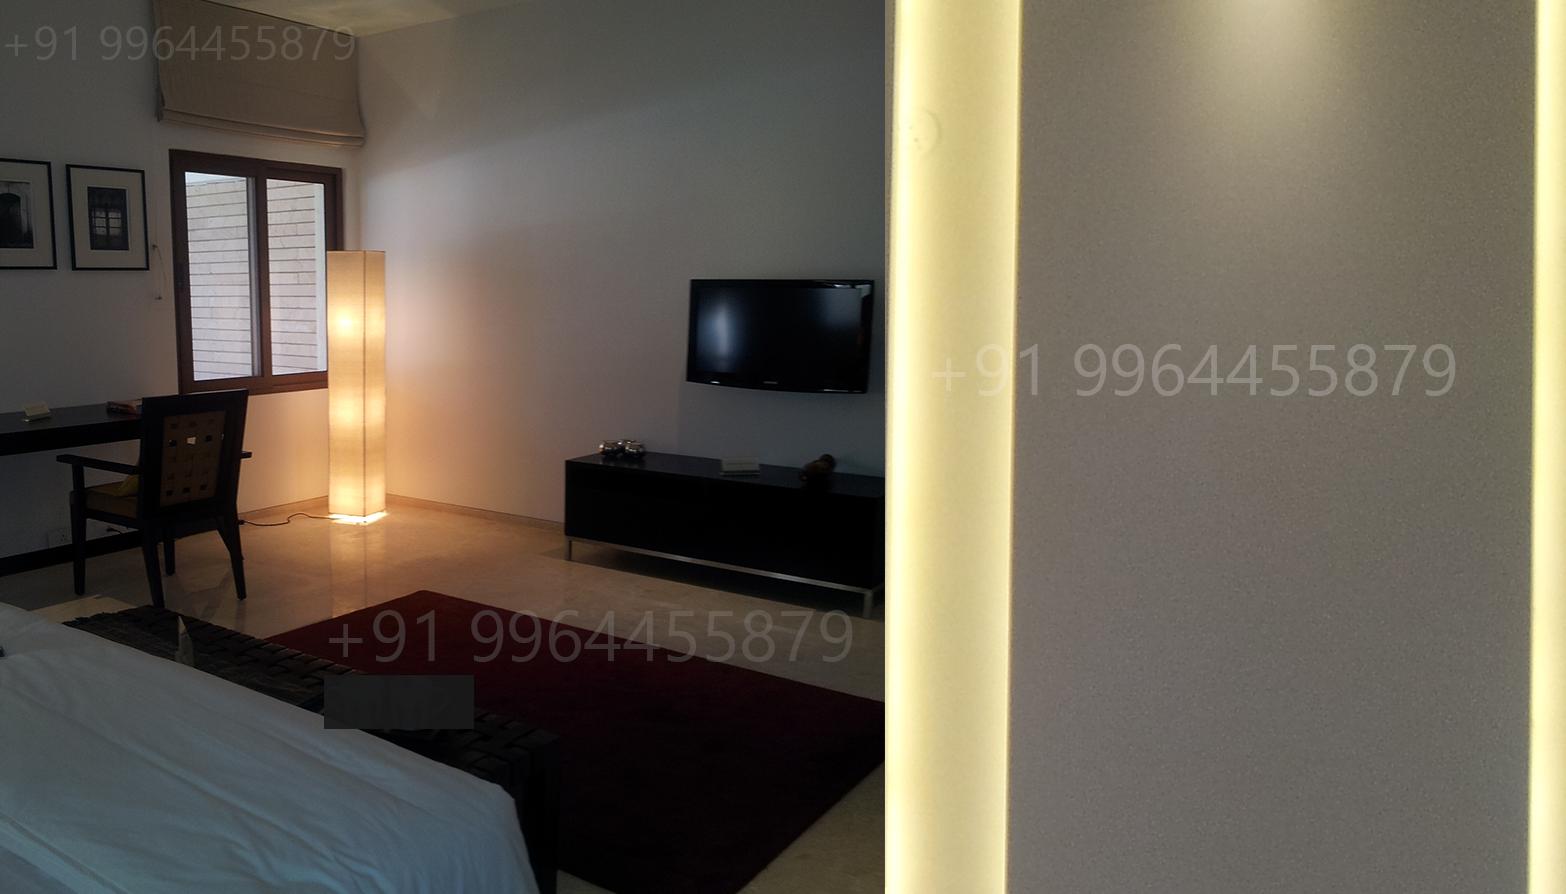 BANGALORE Villas | Flats for Rent: Apartment Flats at Mantri Espana ...